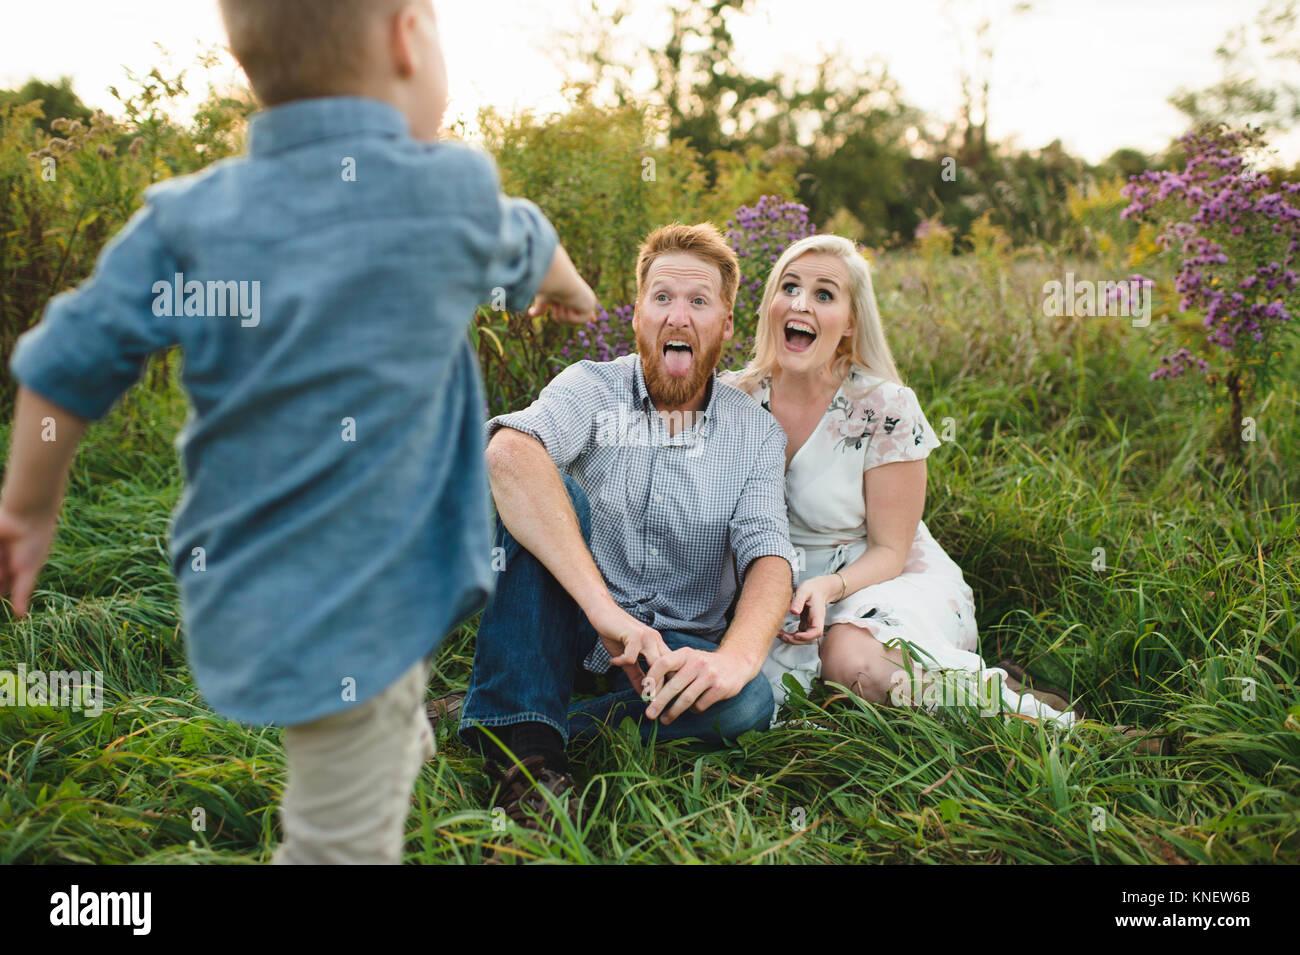 Garçon surprenant parents assis dans l'herbe haute Photo Stock